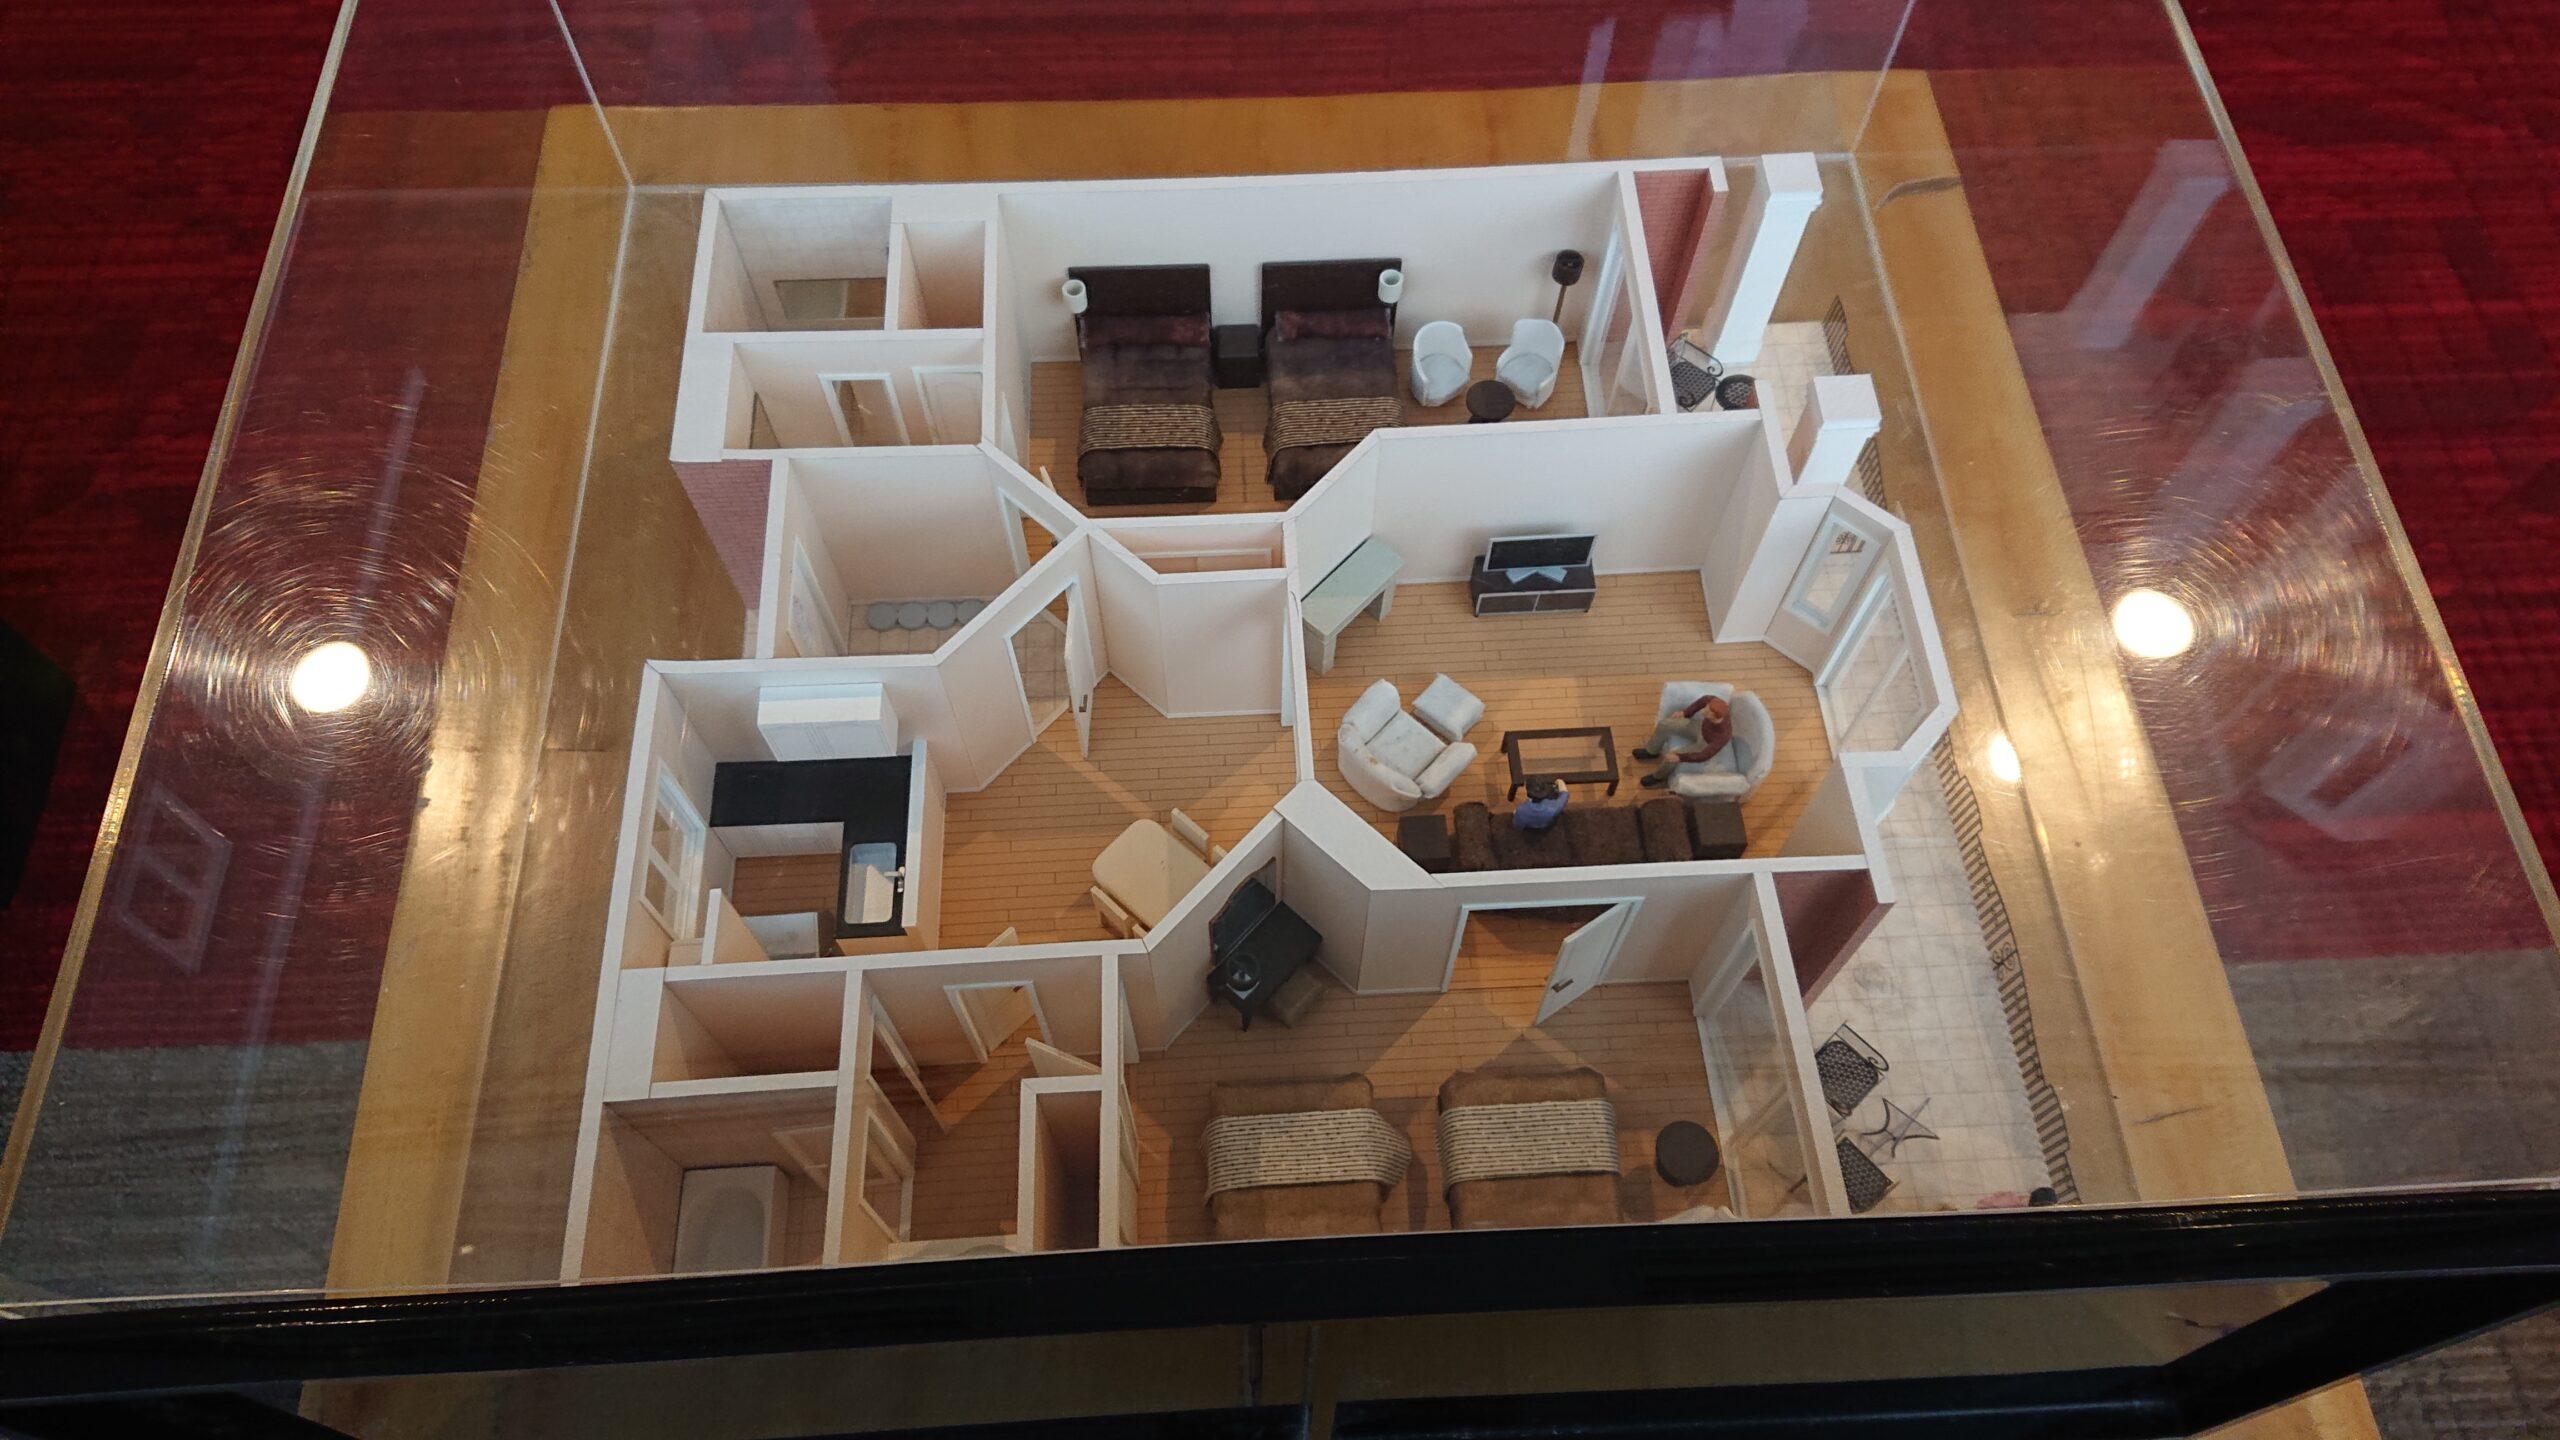 キャメルゴルフ&ホテルリゾートのスイートヴィラの模型